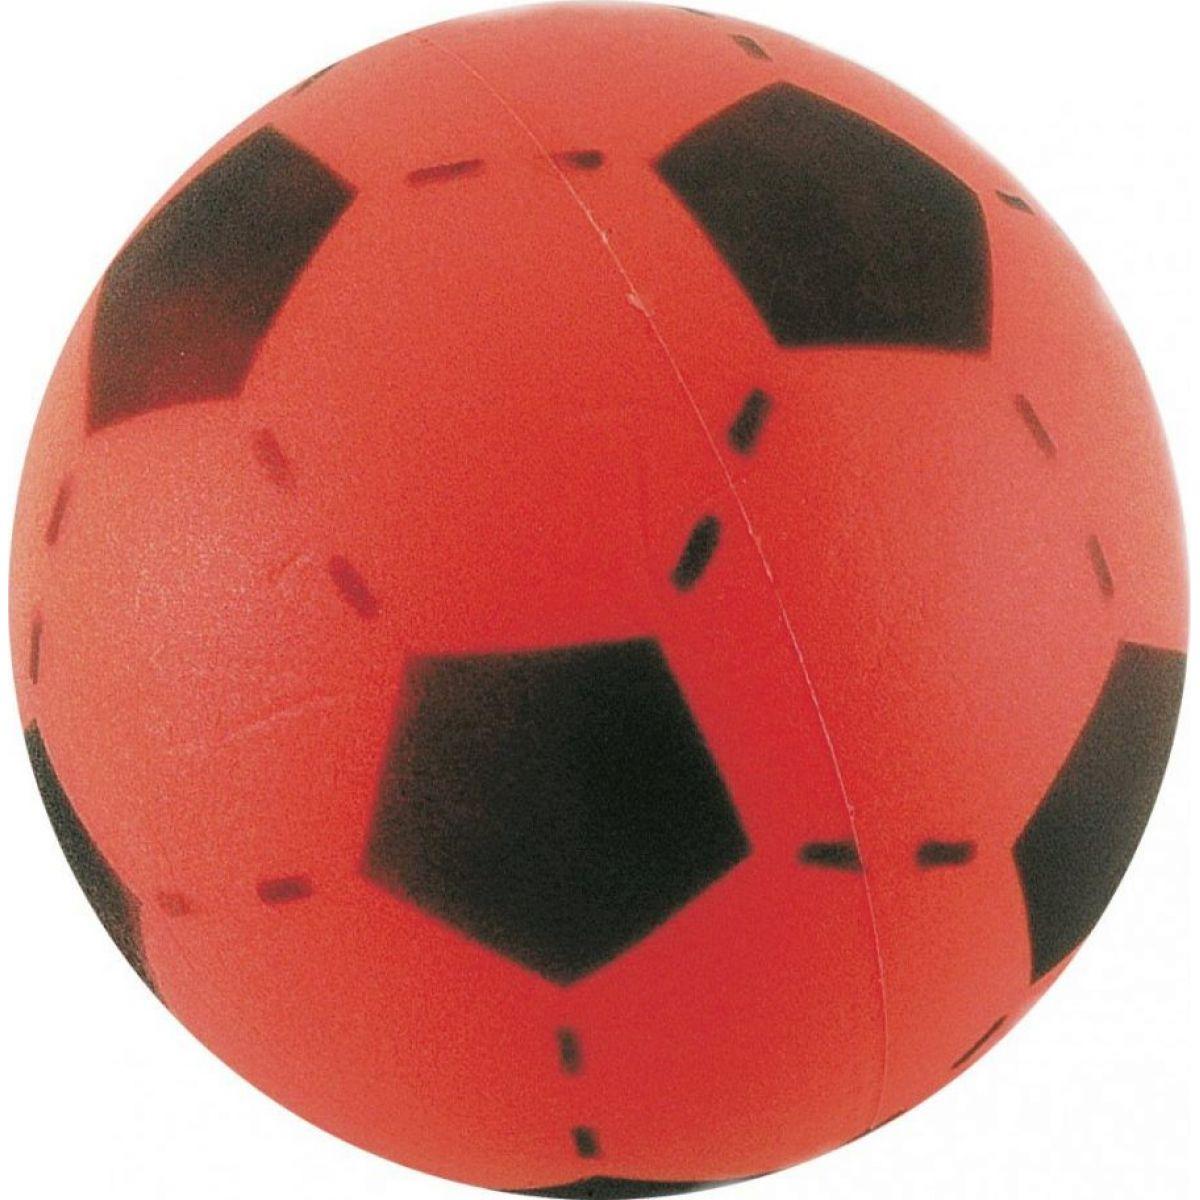 Frabar soft lopta futbal 20 cm Červená